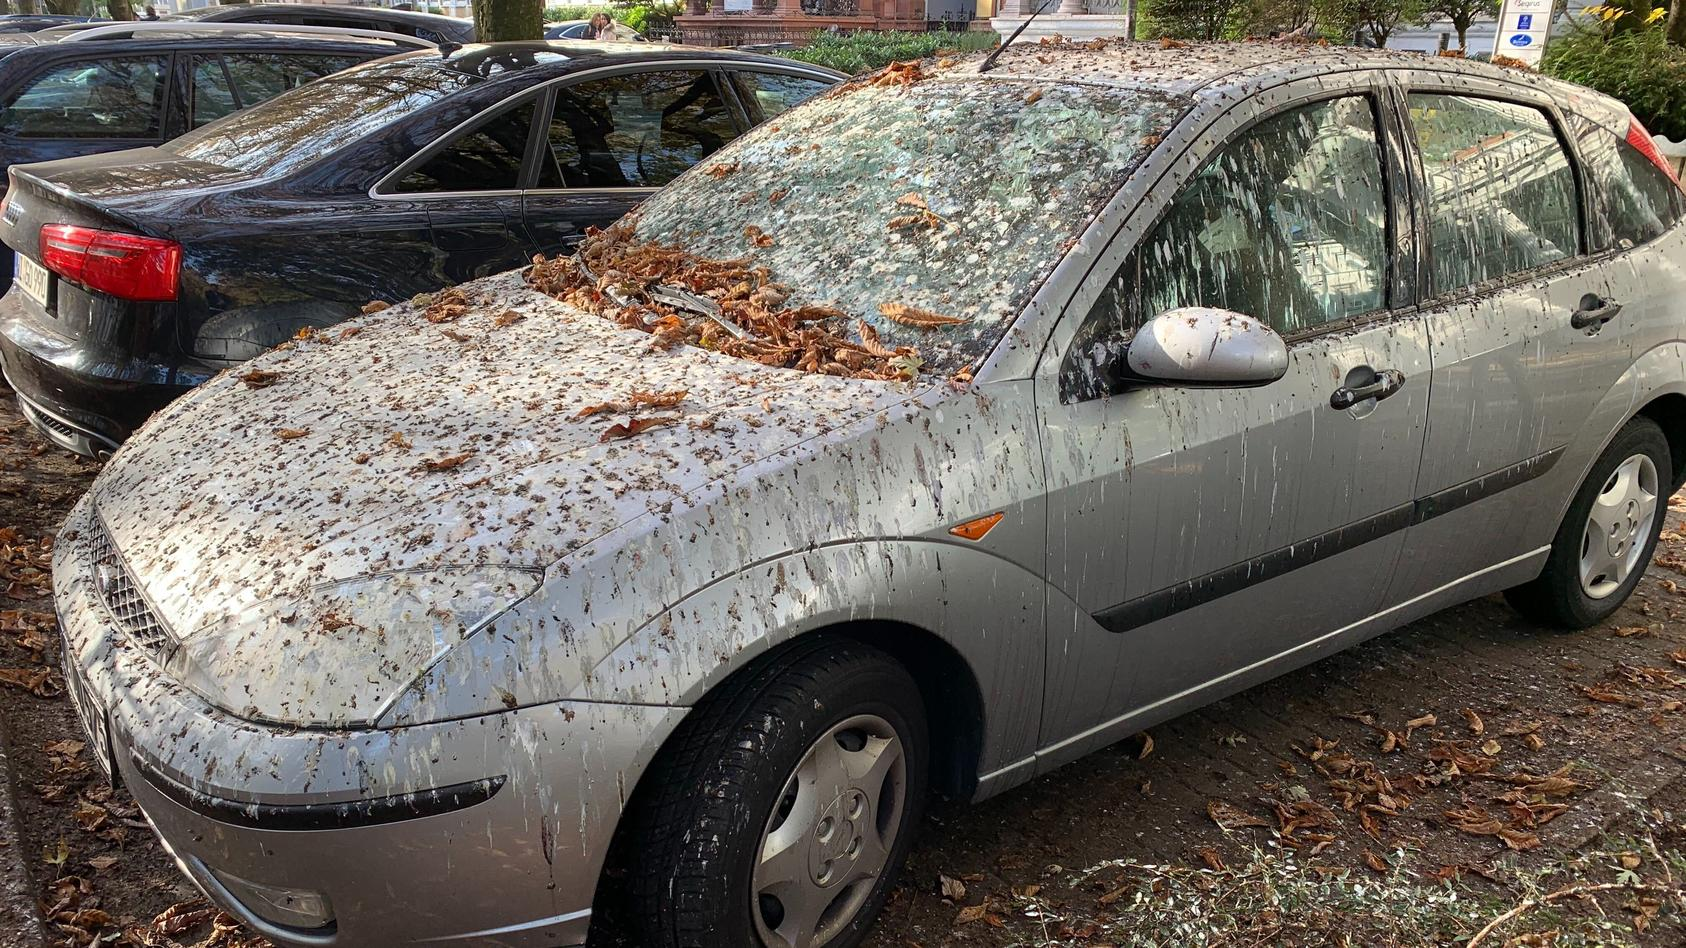 Mit Vogelkot bedecktes Auto in Wiesbaden